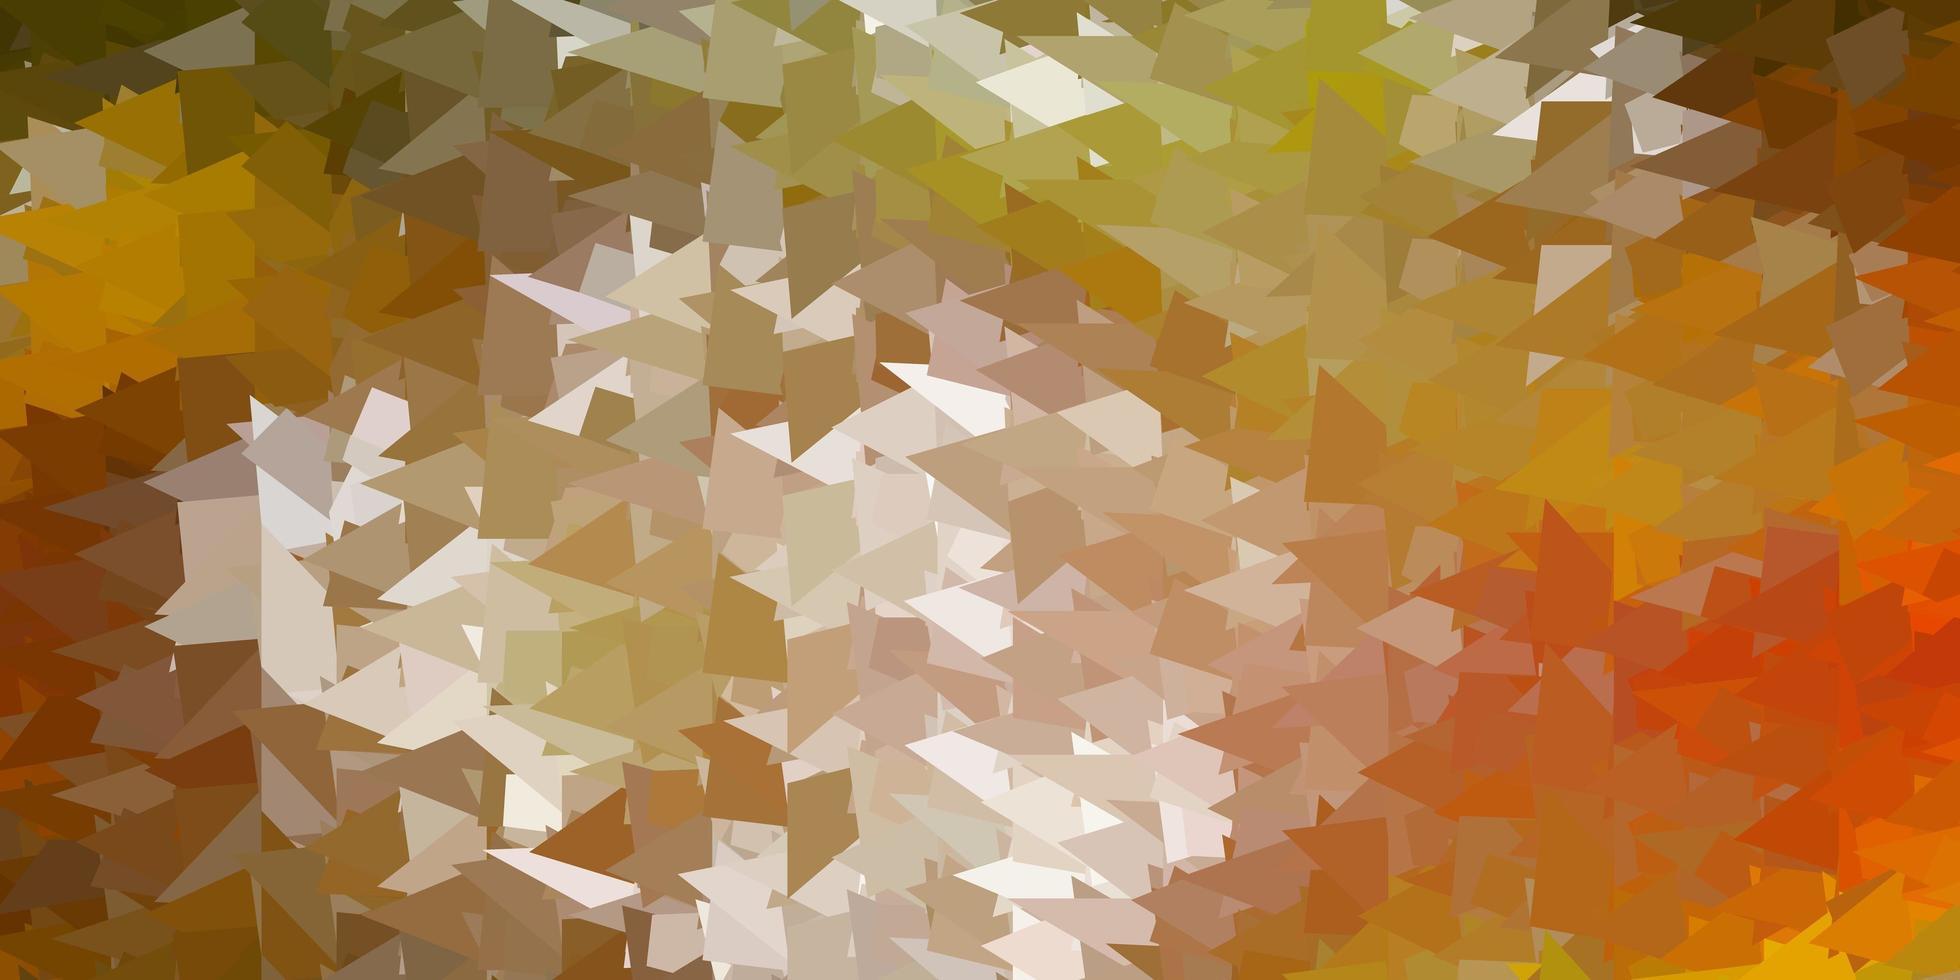 fond de triangle abstrait vecteur vert foncé, jaune.